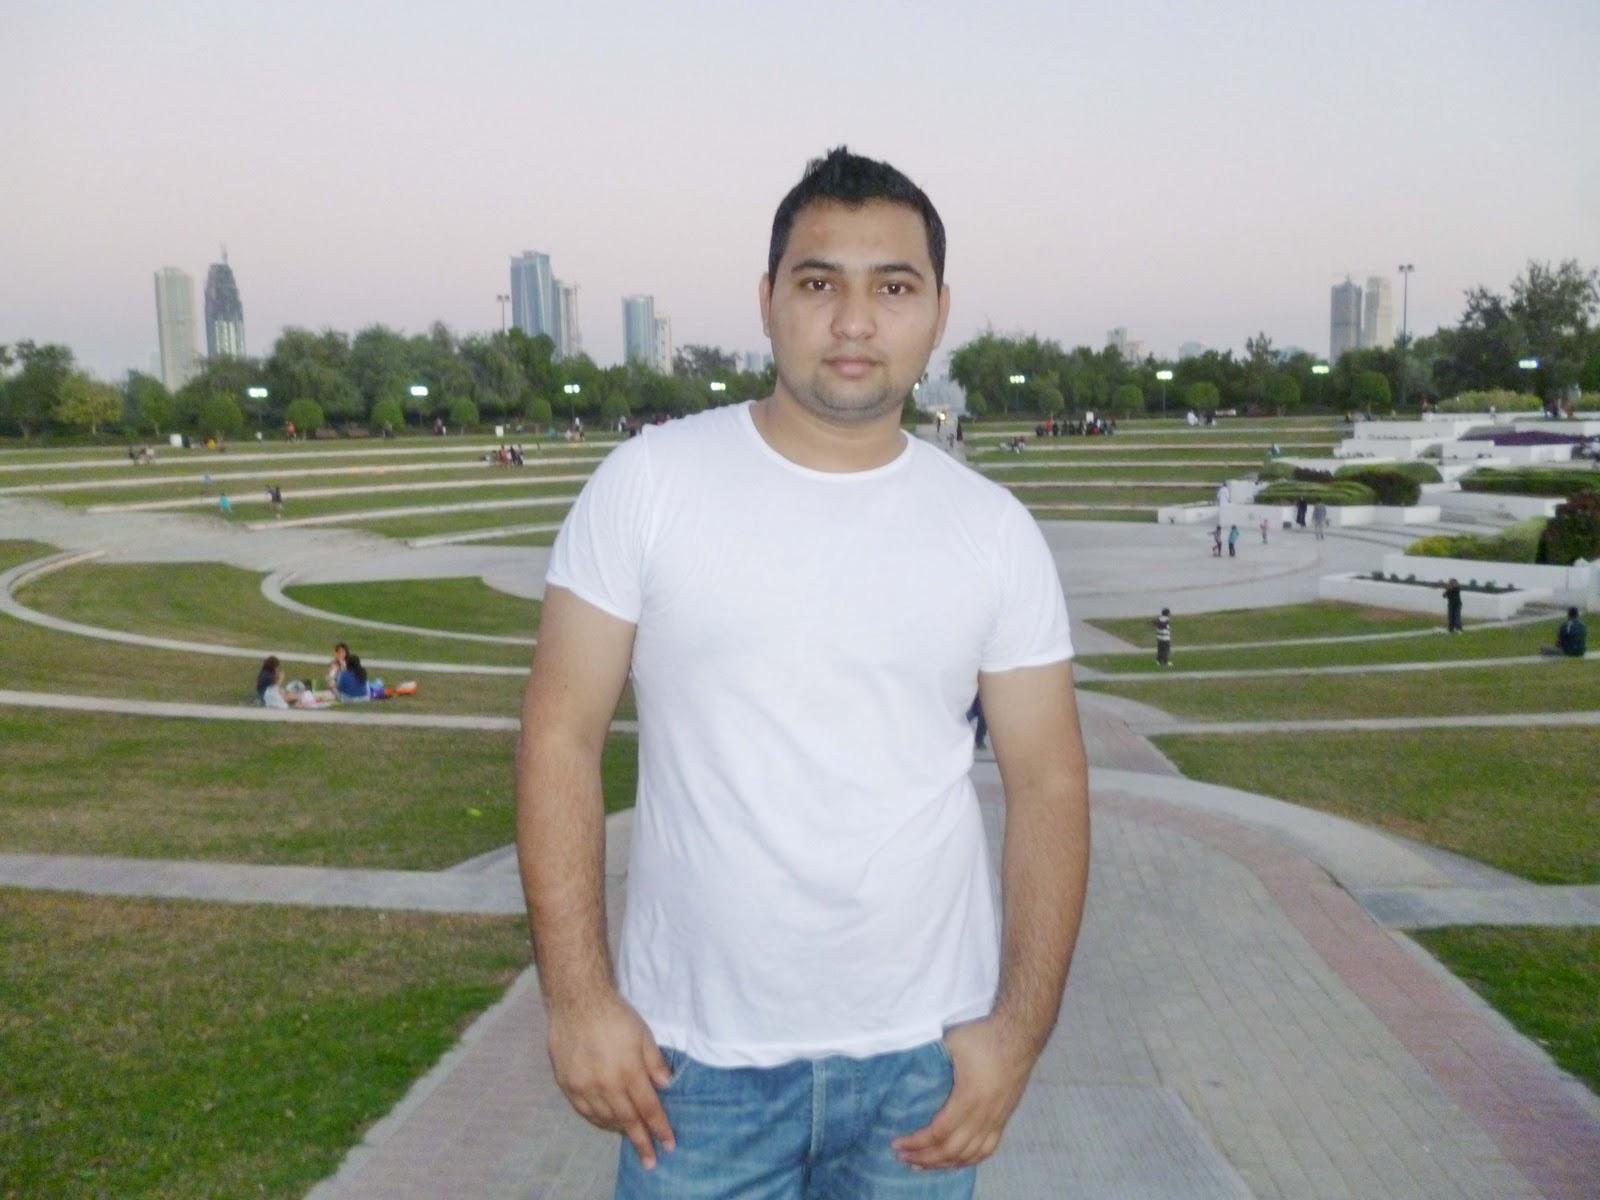 Mamzar Beach Park Dubai Md Saddam Hossain